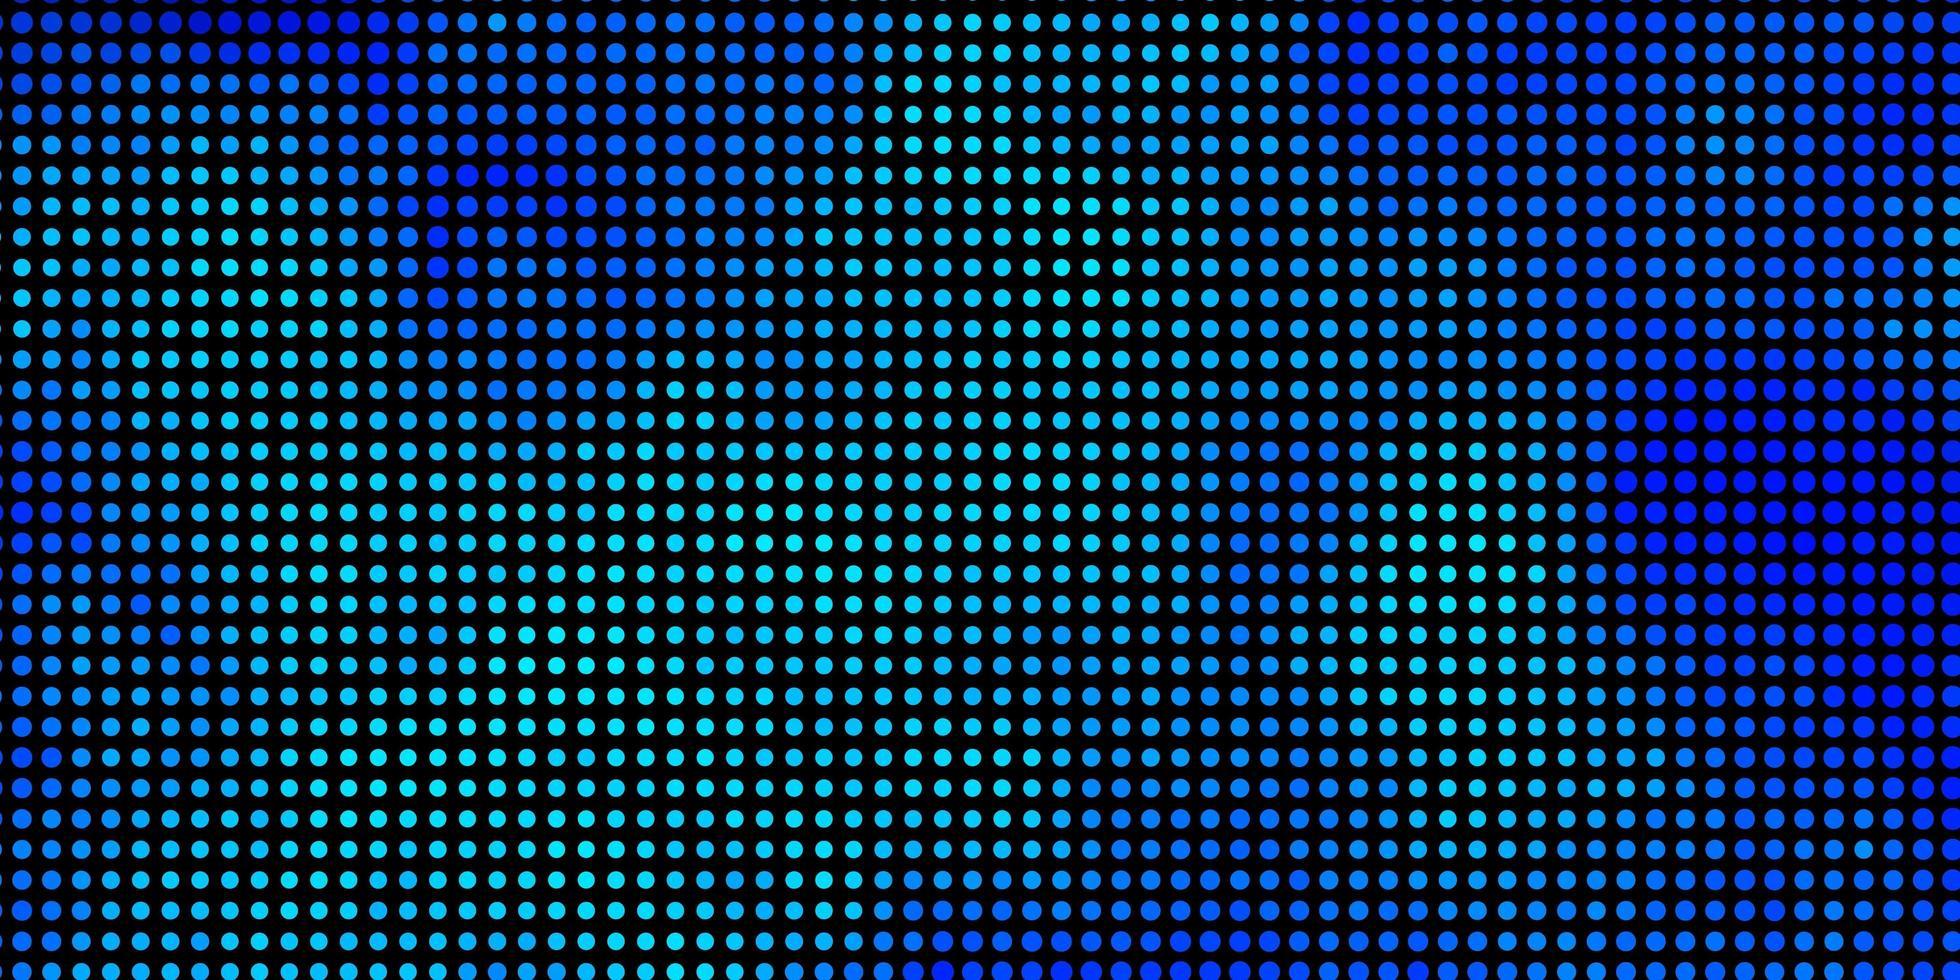 modelo de vetor azul claro com círculos.